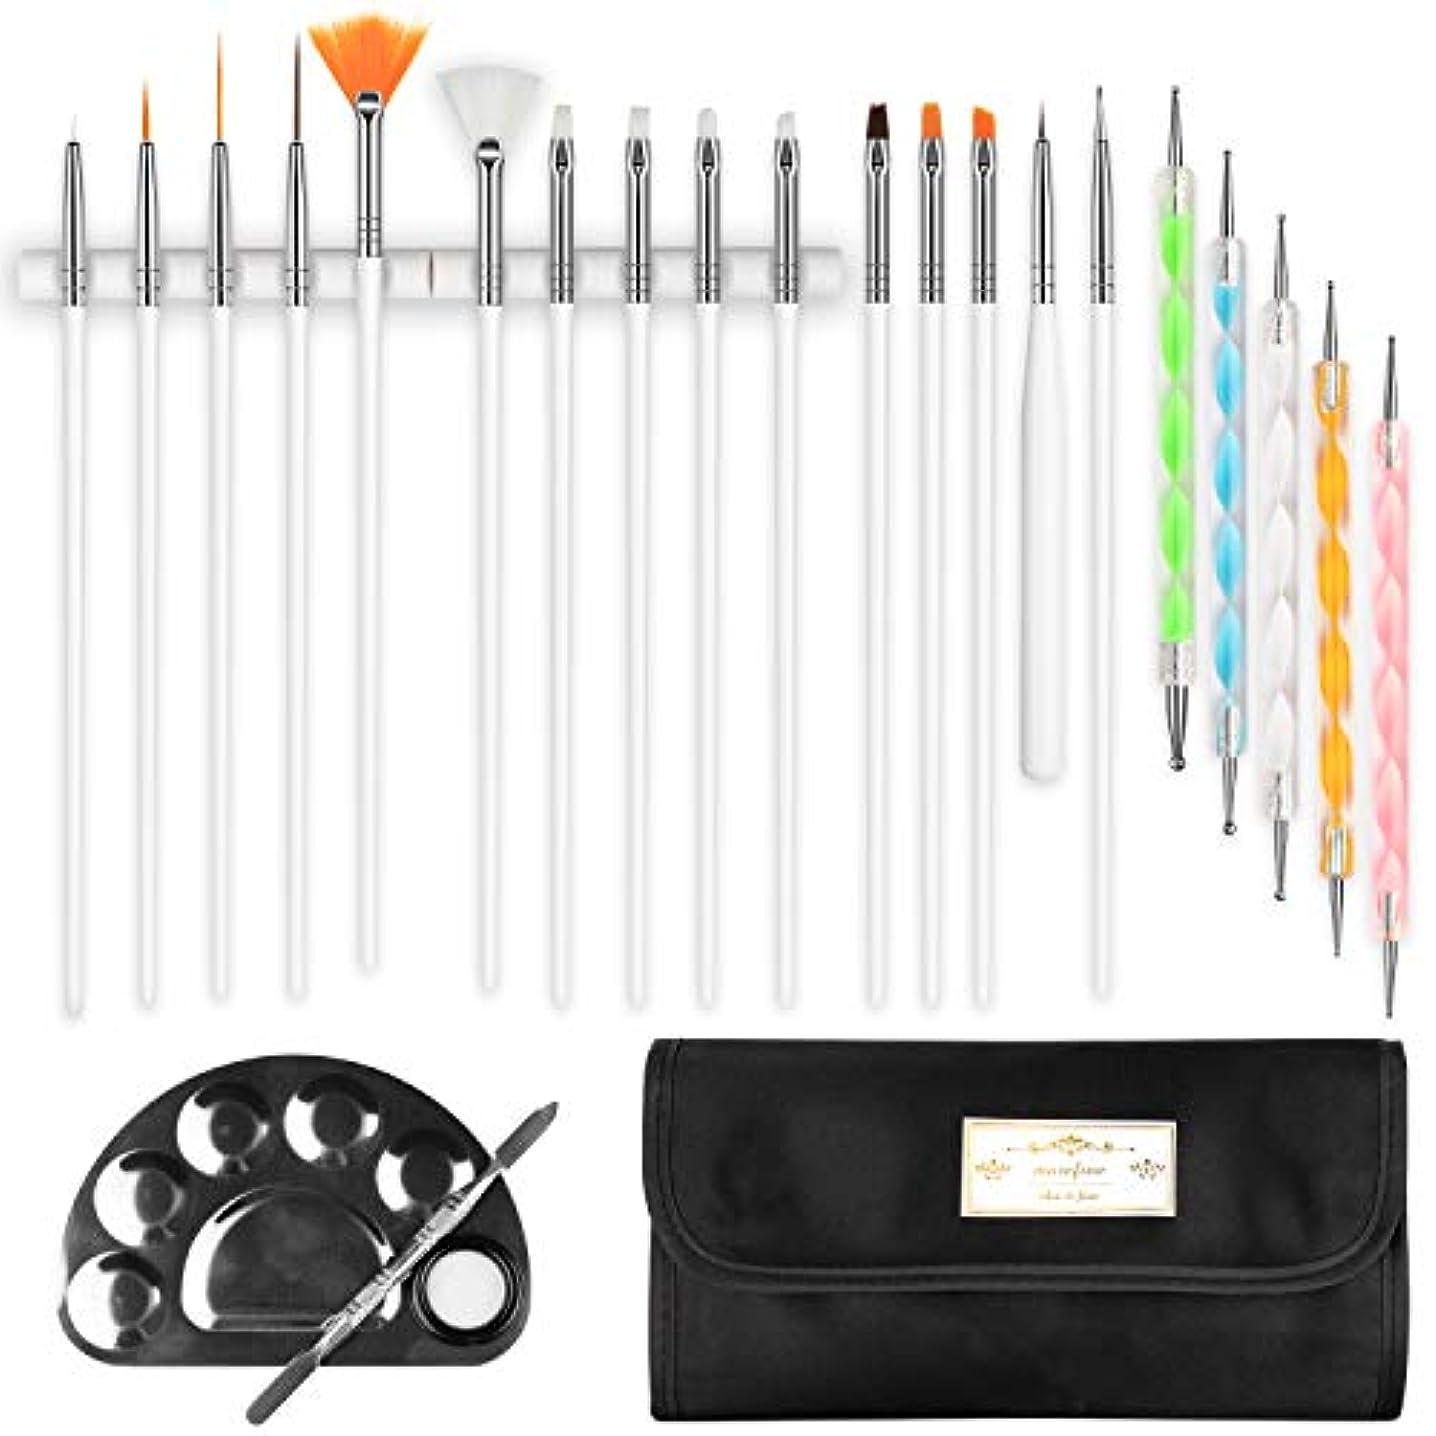 オリエント同等の粗いMorefine ネイルブラシ ジェルネイル 筆 ネイル筆15本 カラードットペン5本 ネイルアートブラシ用ホルダー2本、パレット1個&取扱説明書付 初心者、プロにも最適